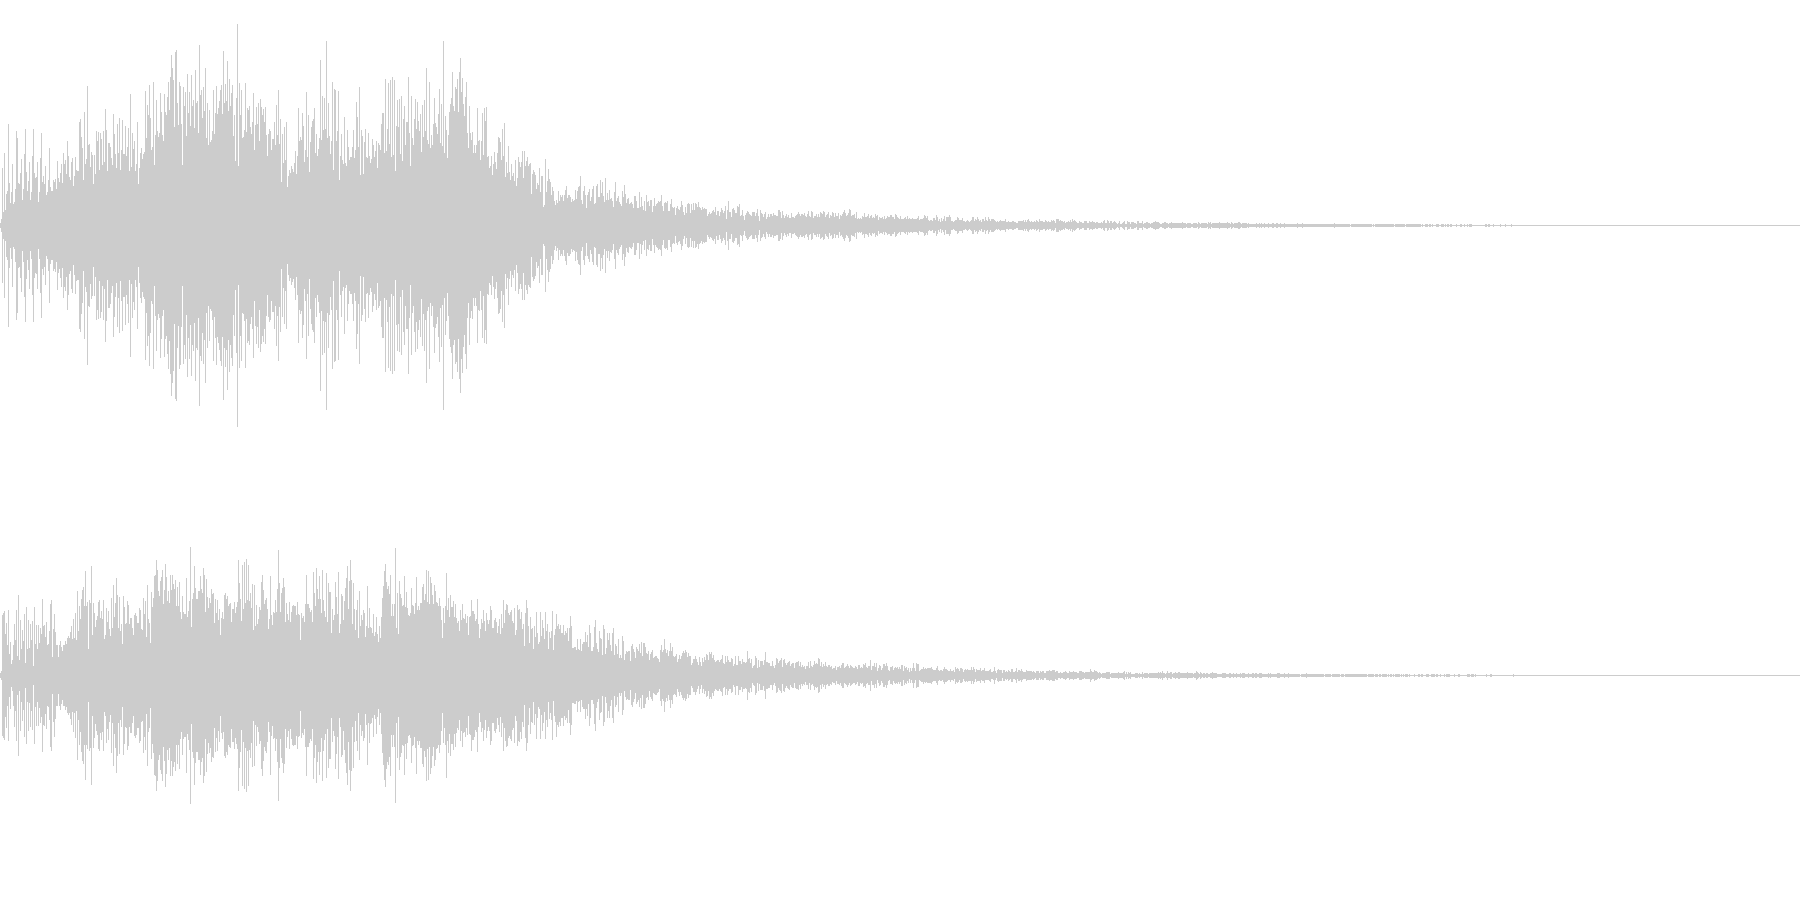 澄んだ感じのセレクト音 決定 スタート音の未再生の波形